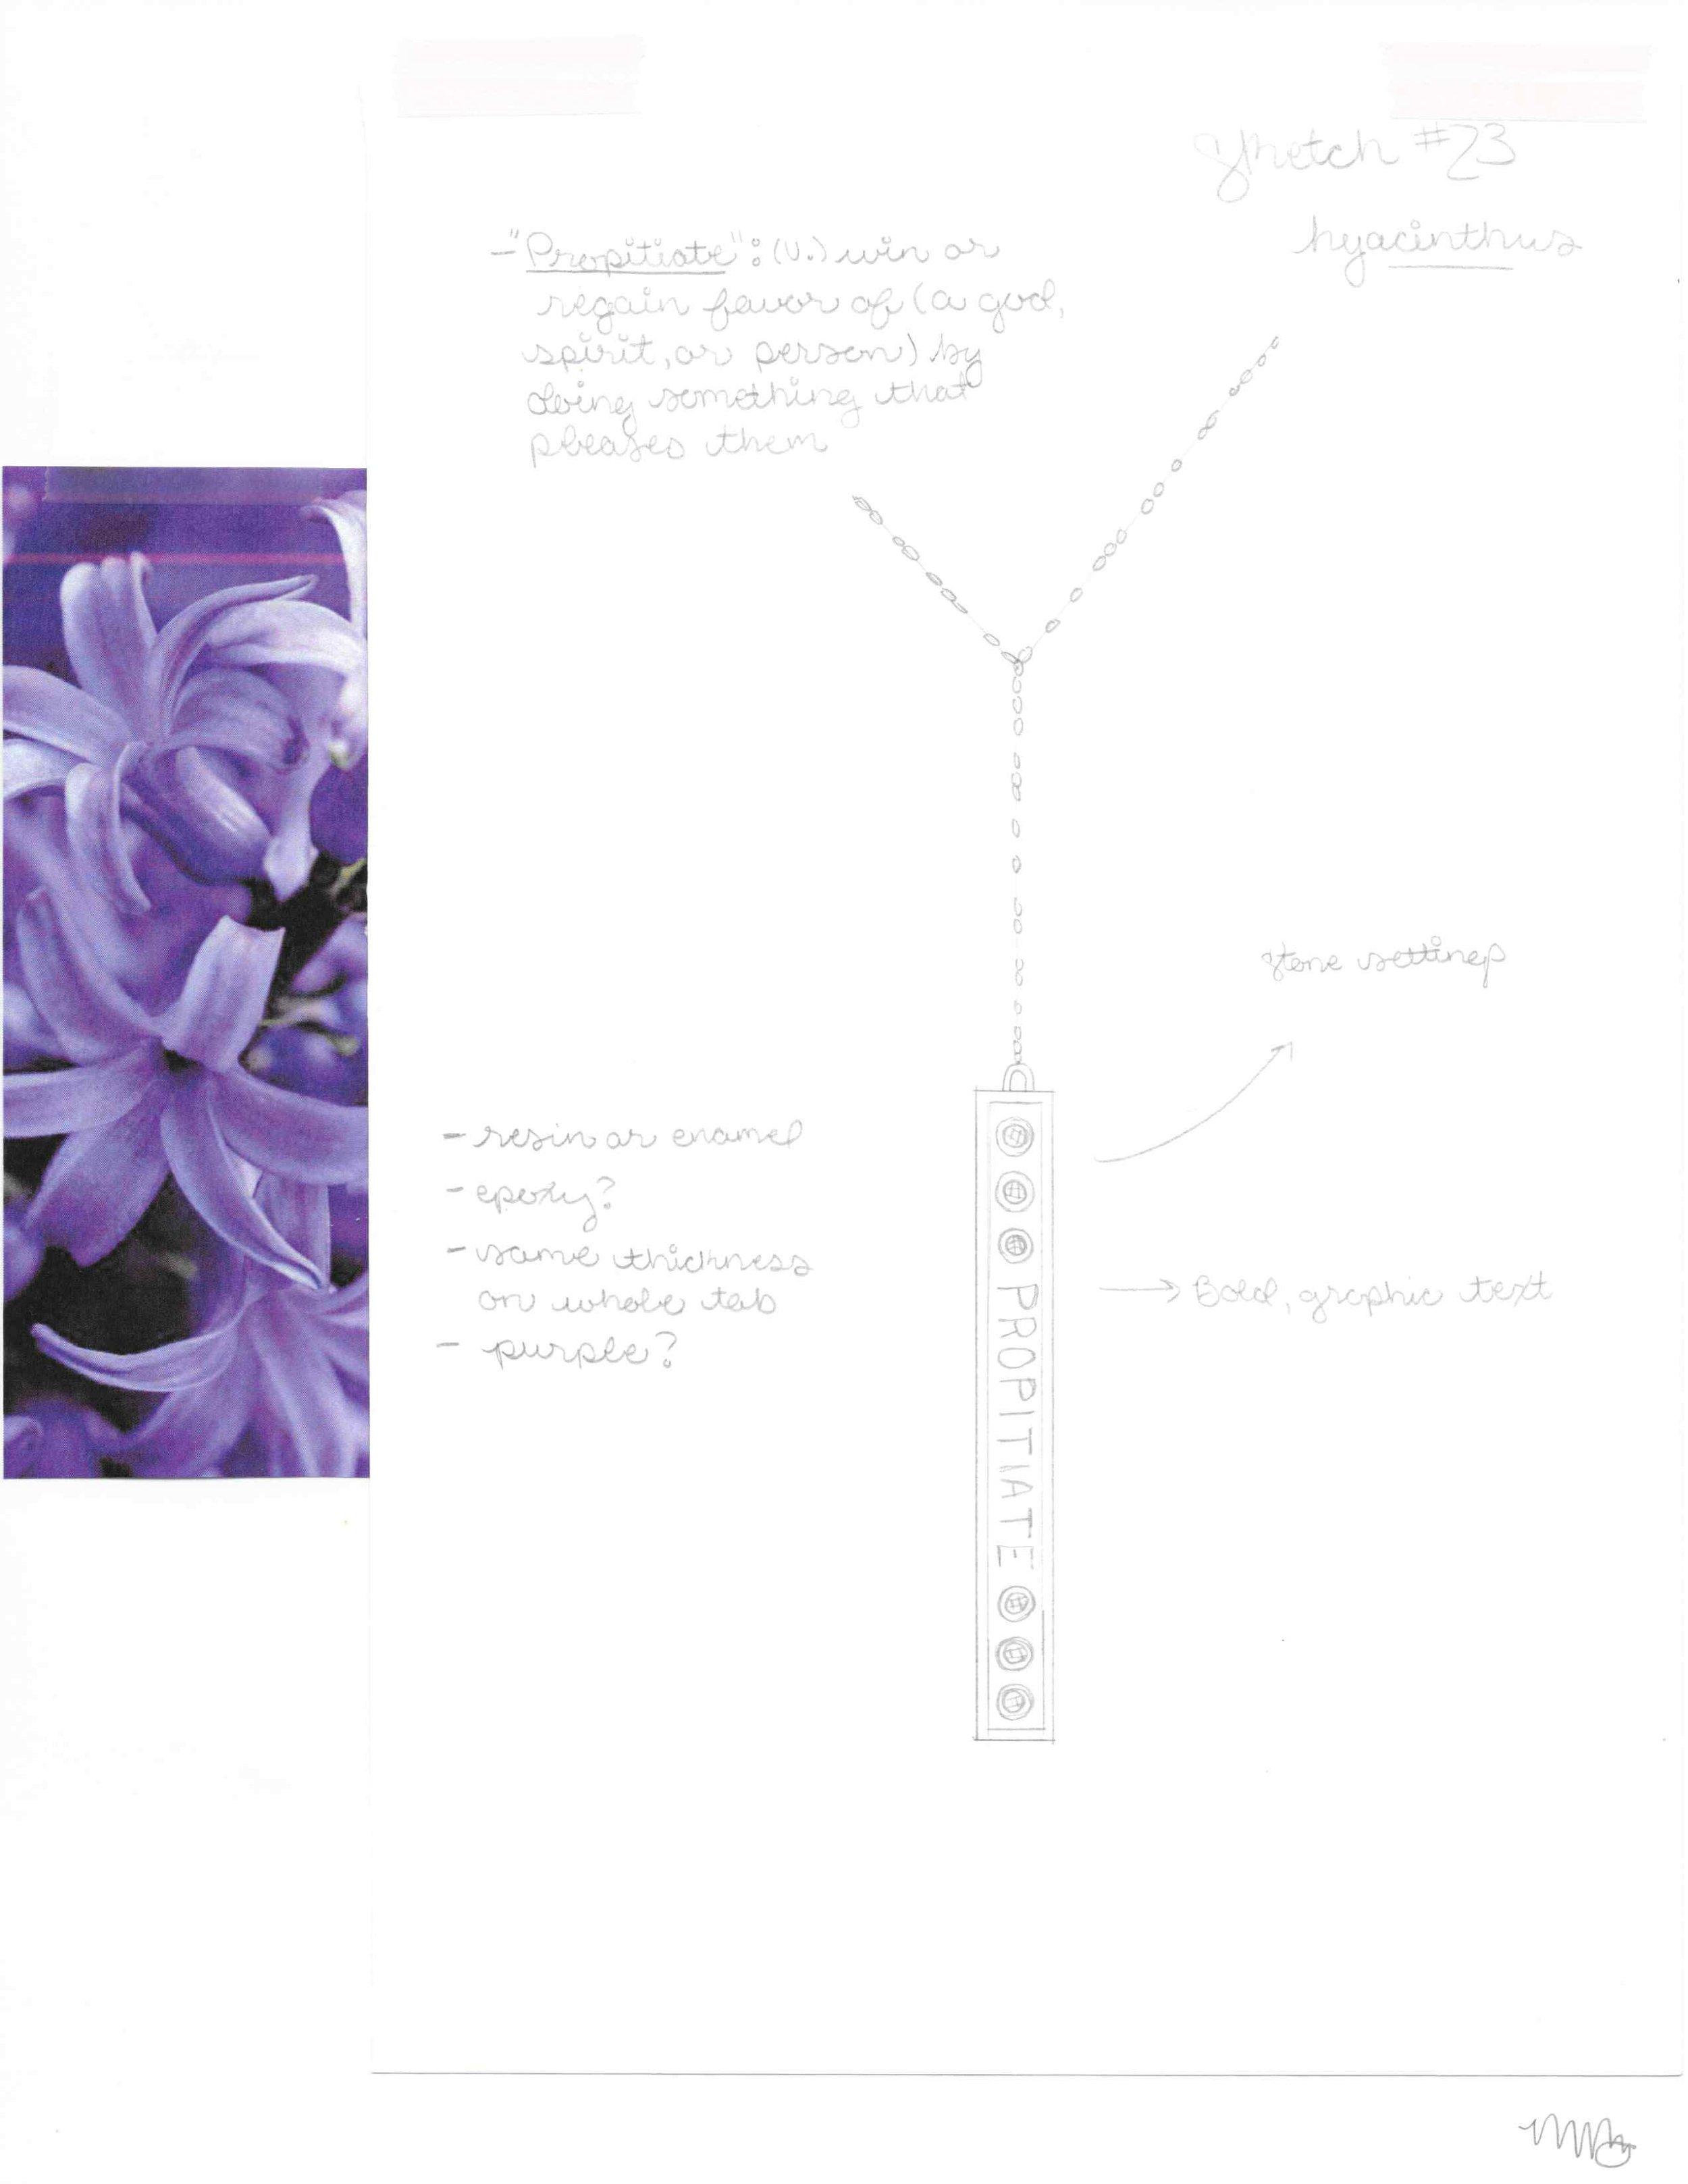 Usurper Sketch_023.jpg